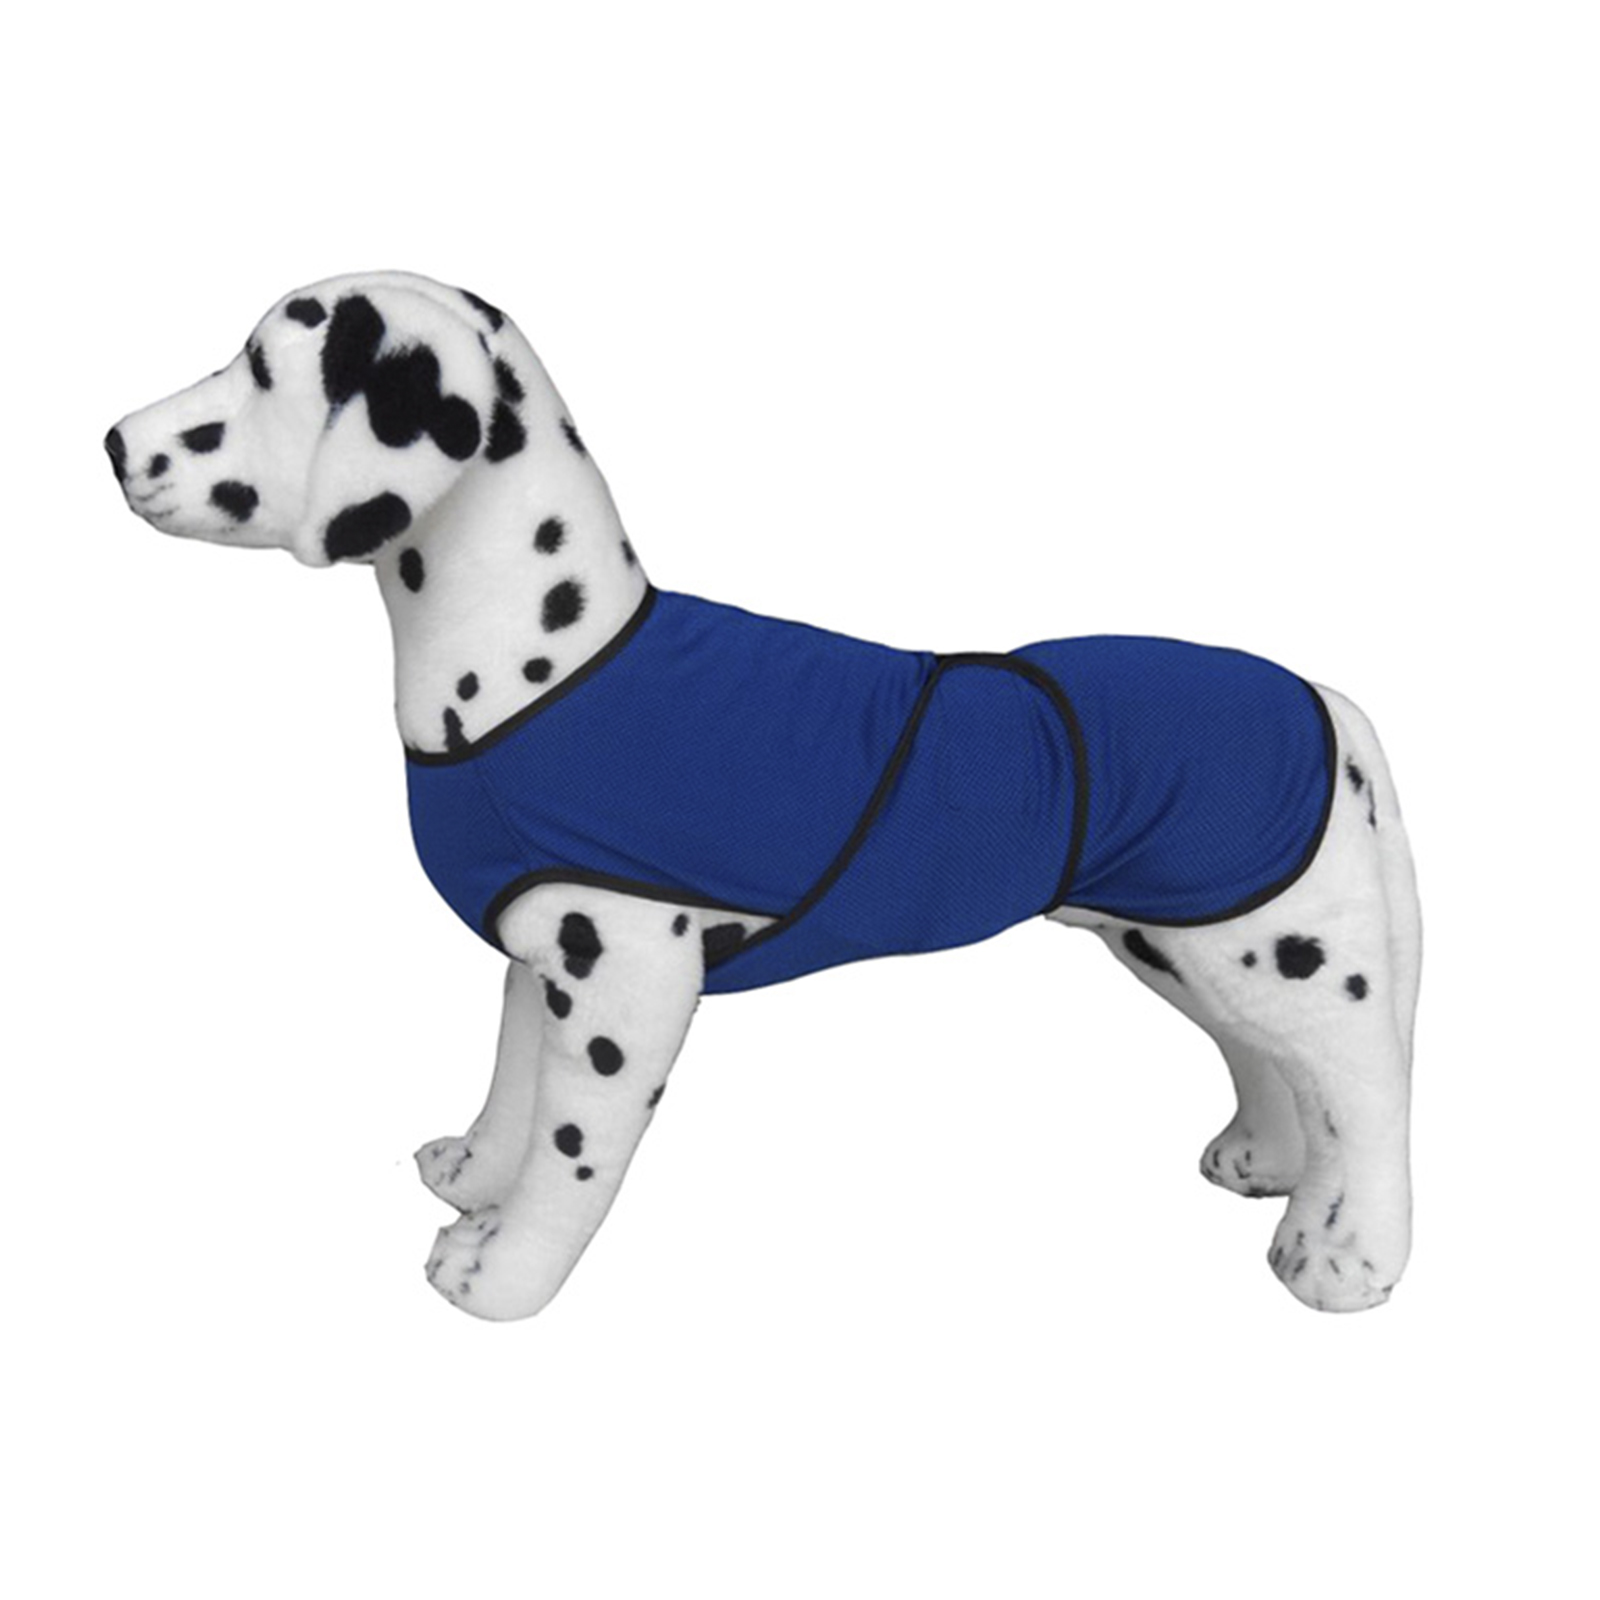 PawHut Pettorina Rinfrescante per Cani Taglia L in Microfibra Traspirante Blu